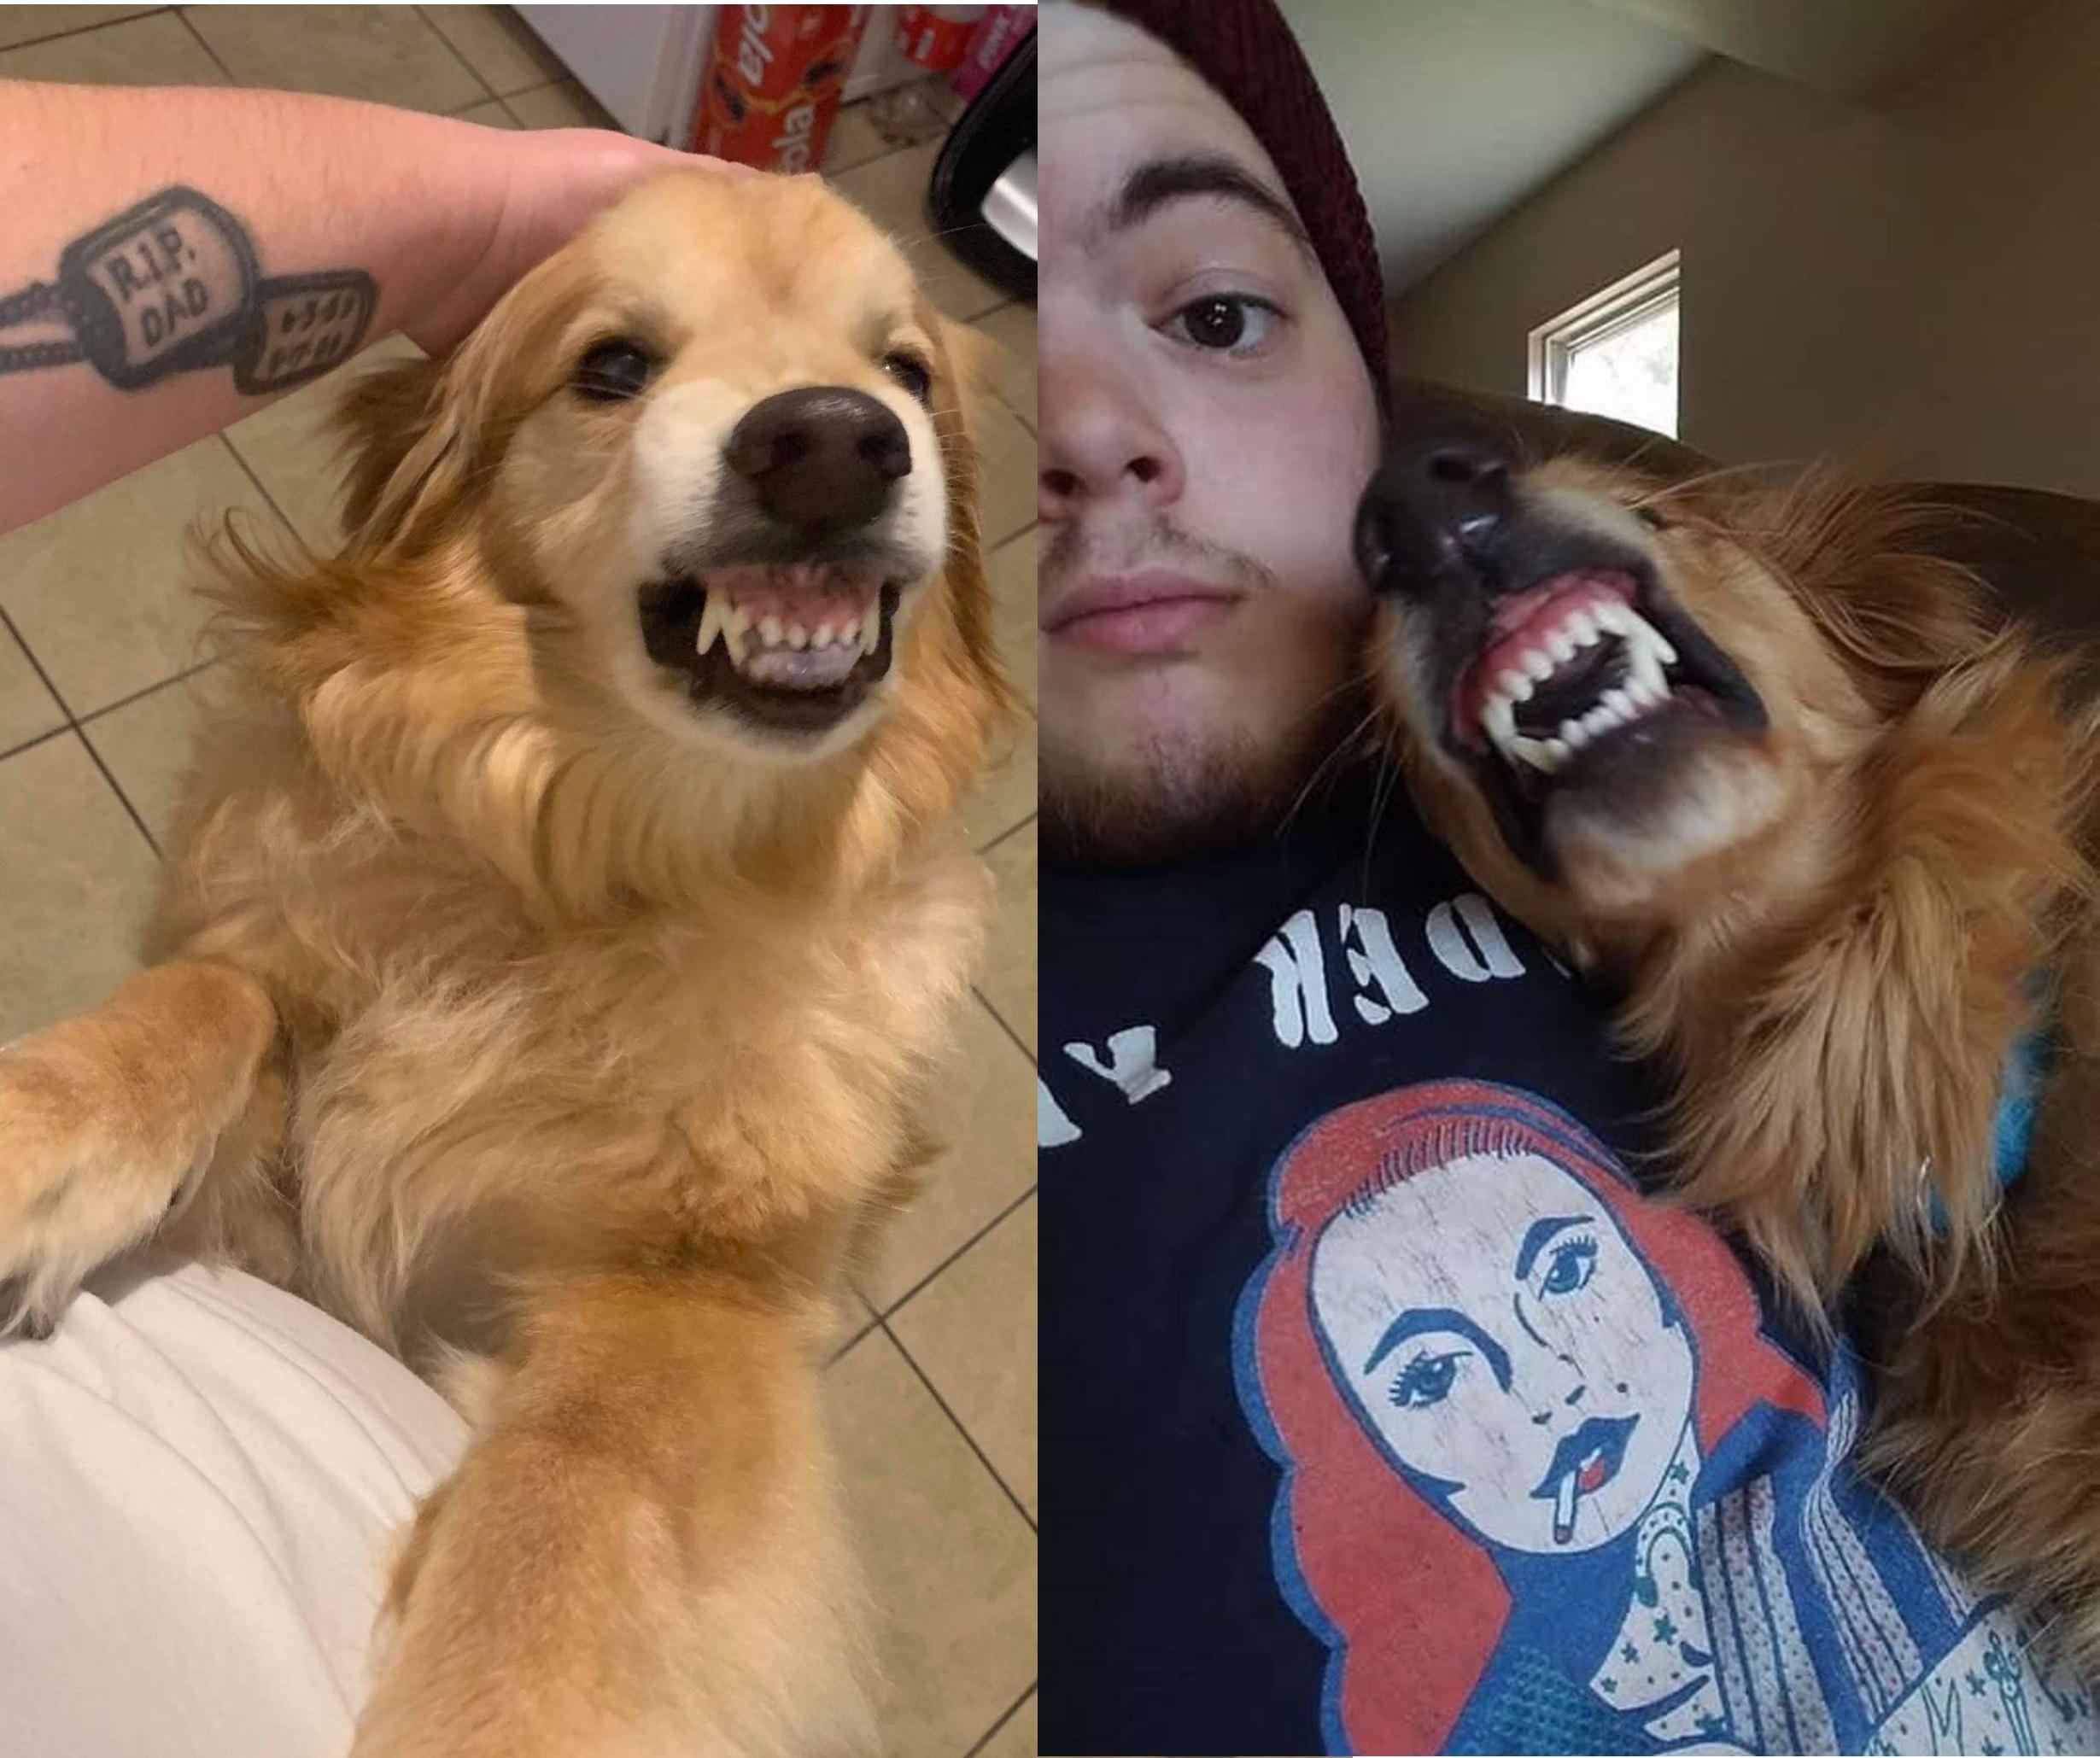 Dogilike.com :: เรื่องราวสุดน่ารัก! เจ้าโกลเด้นฯยิ้มหวานกับมิตรภาพในศูนย์พักพิงฯ